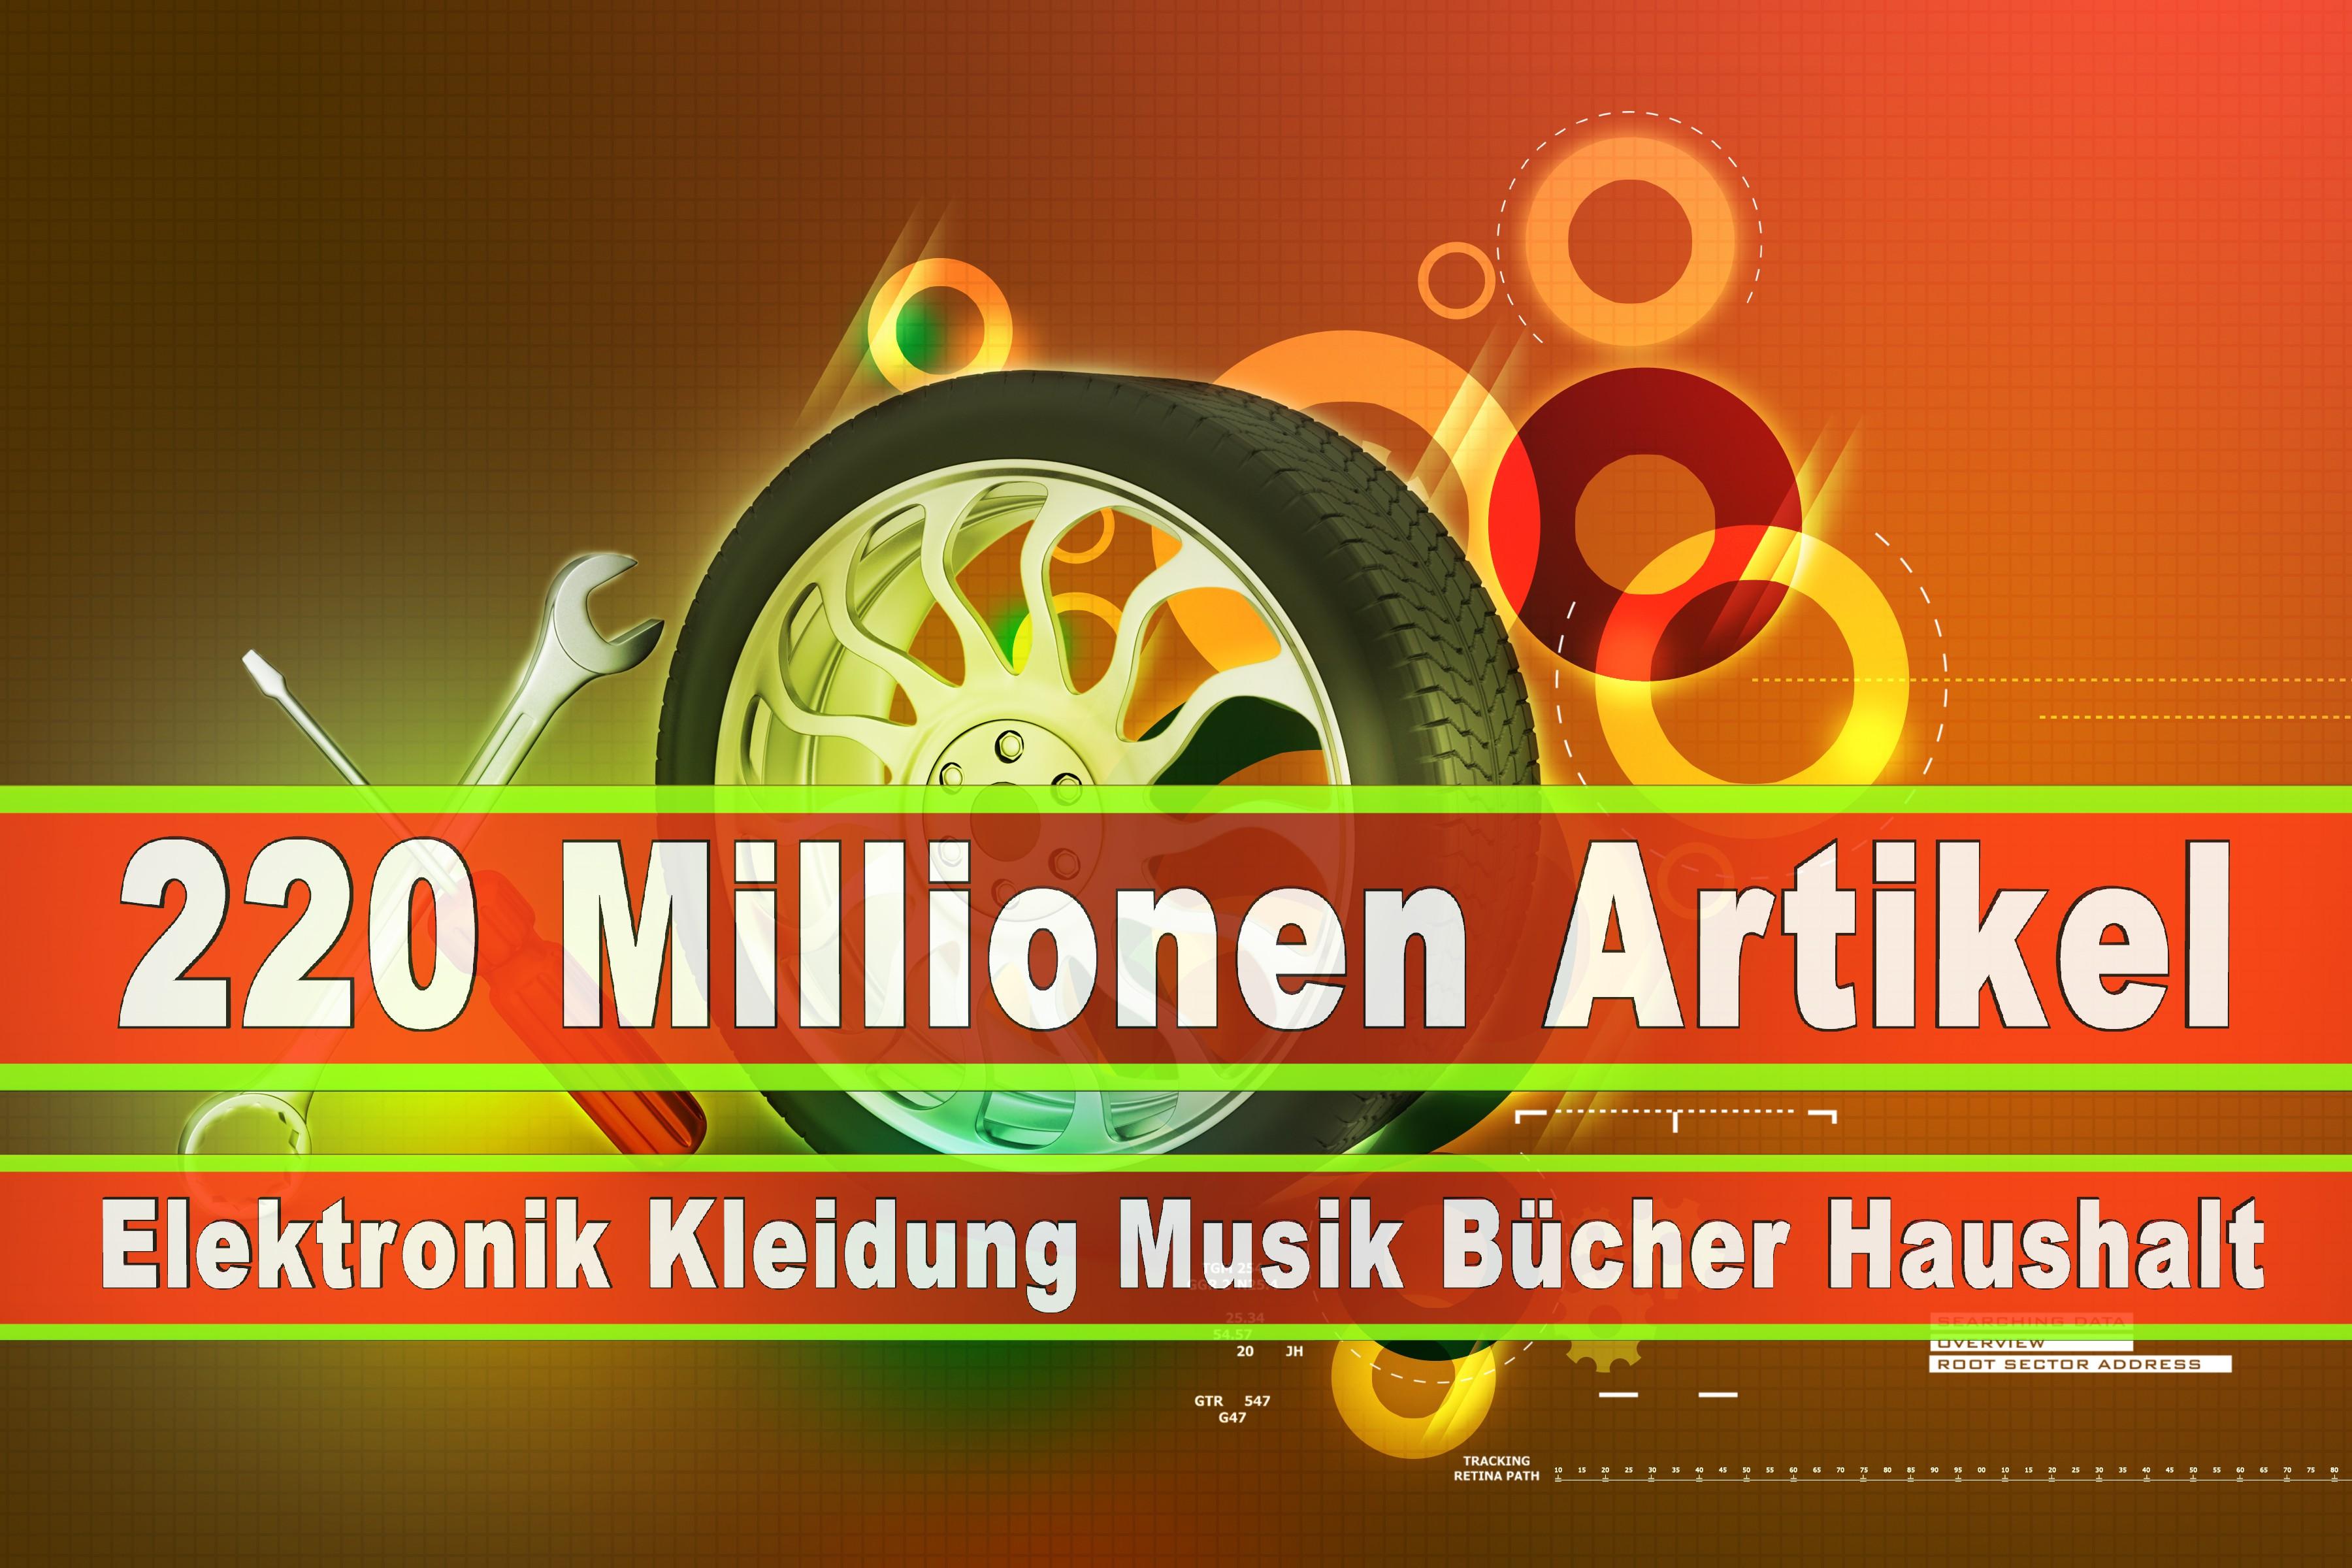 Amazon Elektronik Musik Haushalt Bücher CD DVD Handys Smartphones TV Television Fernseher Kleidung Mode Ebay (27)